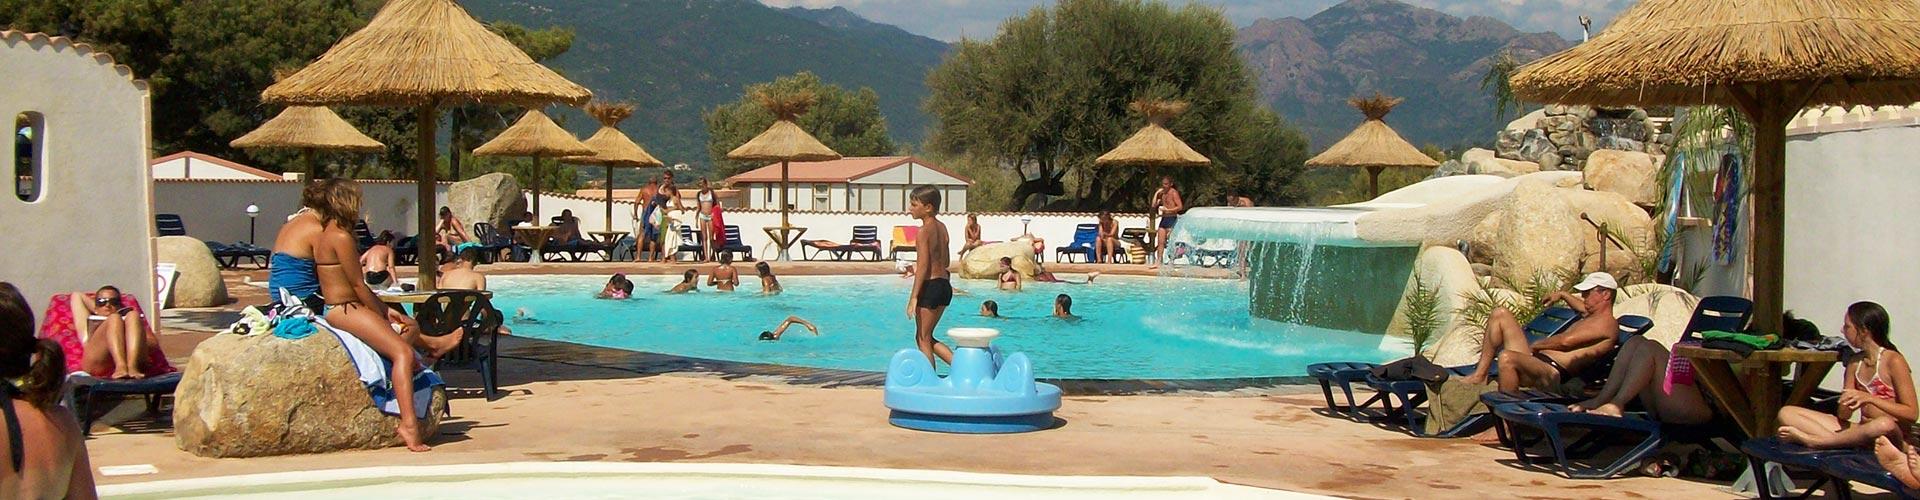 Camping tikiti propriano en corse du sud camping 3 for Camping corse du sud avec piscine